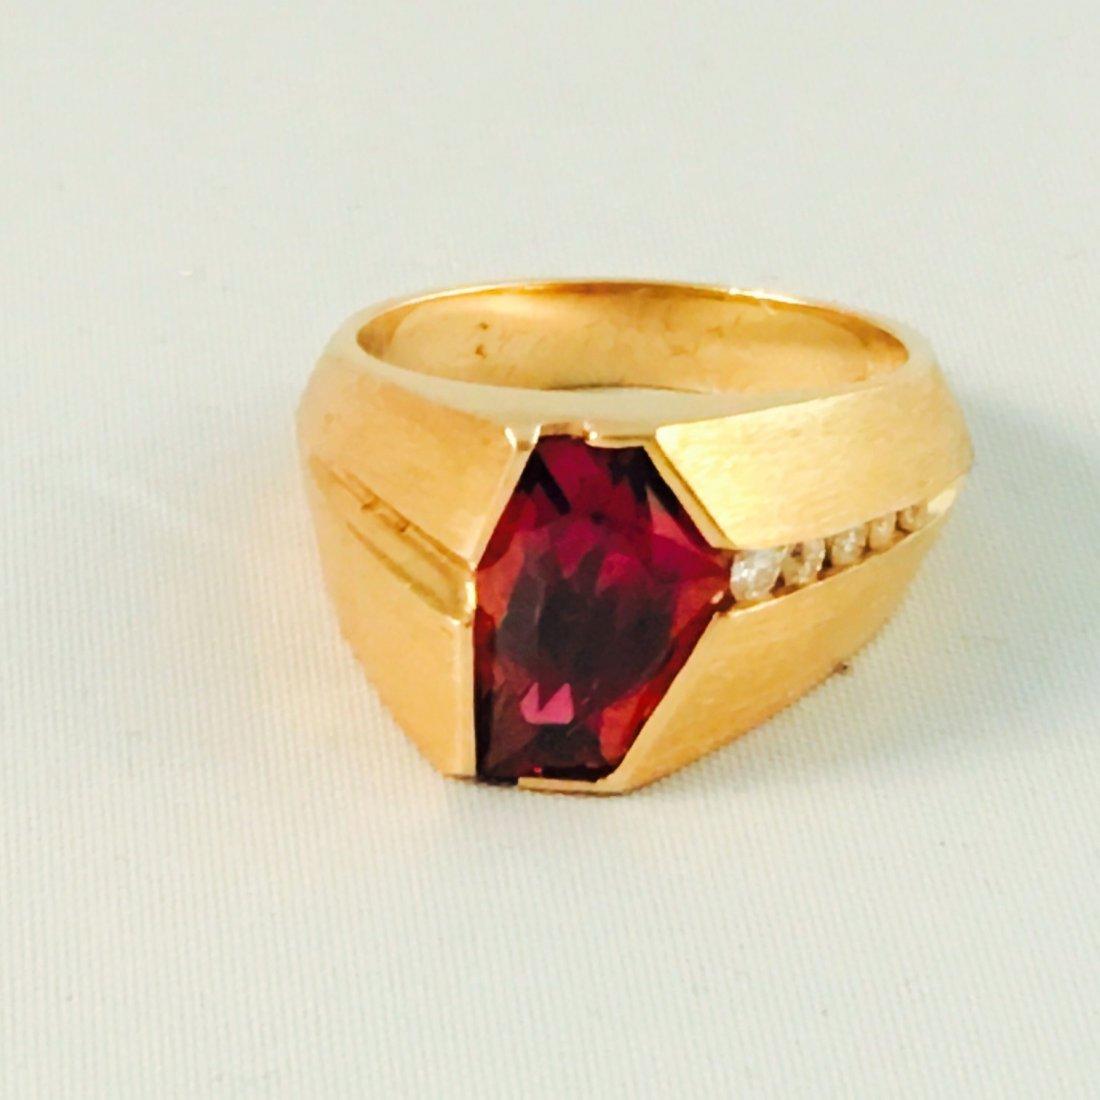 14K YELLOW GOLD, RUBELITE AND DIAMOND RING